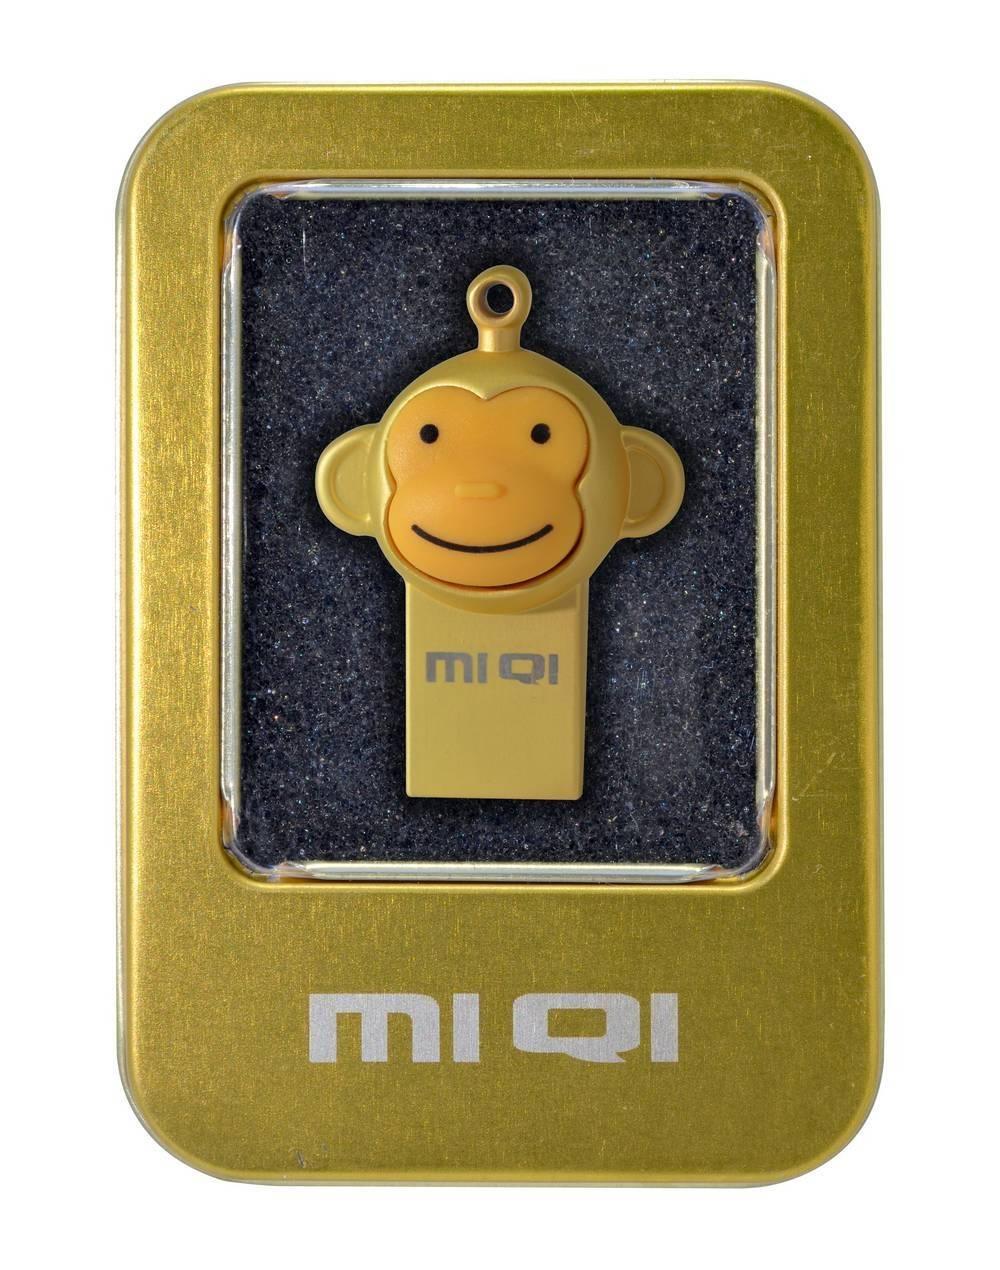 USB 2.0 MIQI Flash Drive M1 8GB Χρυσαφί Metal